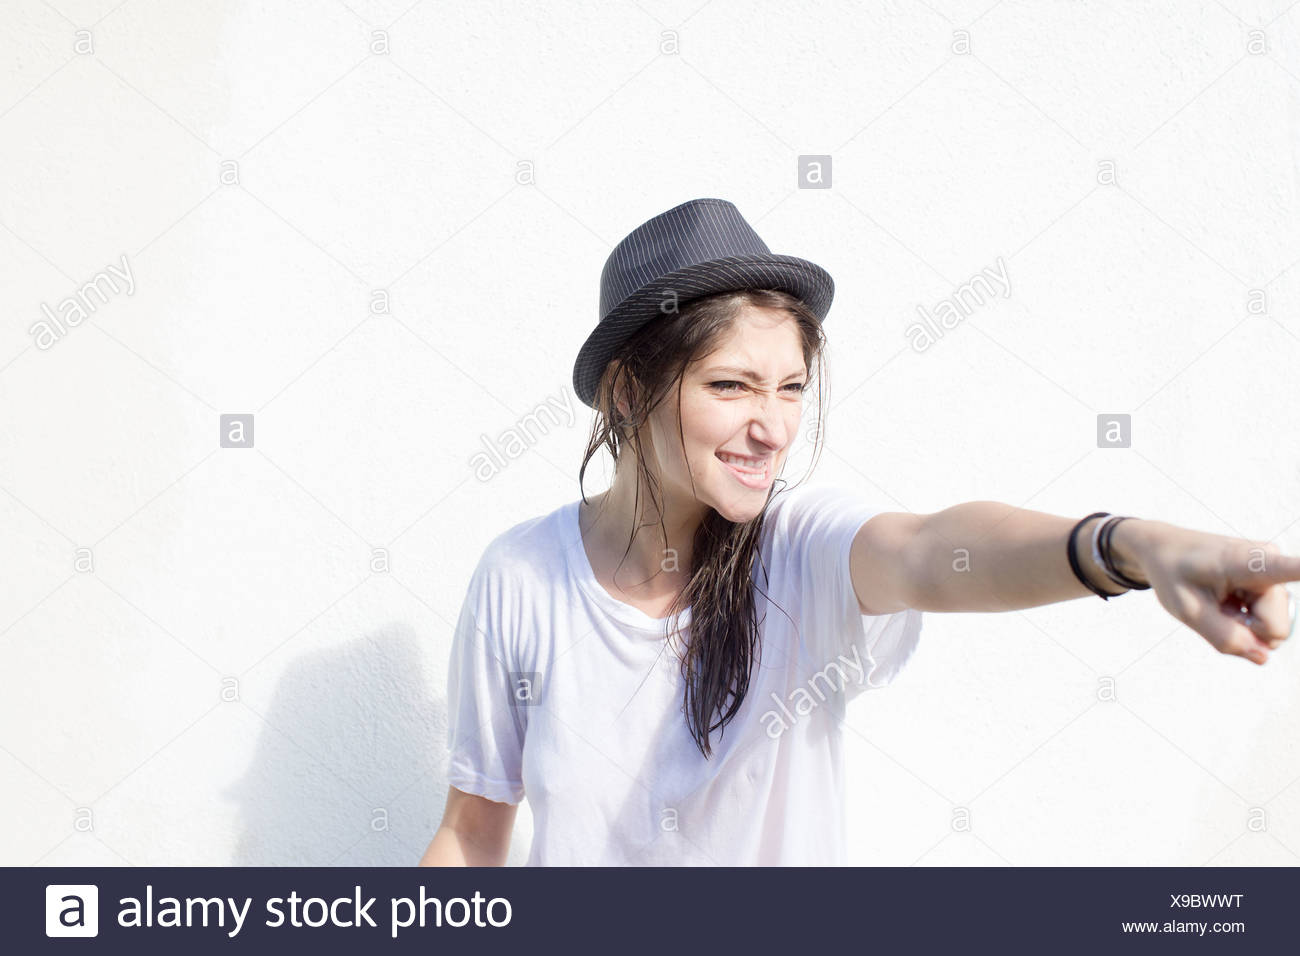 Junge Frau mit Haltung Zeigefinger Stockbild